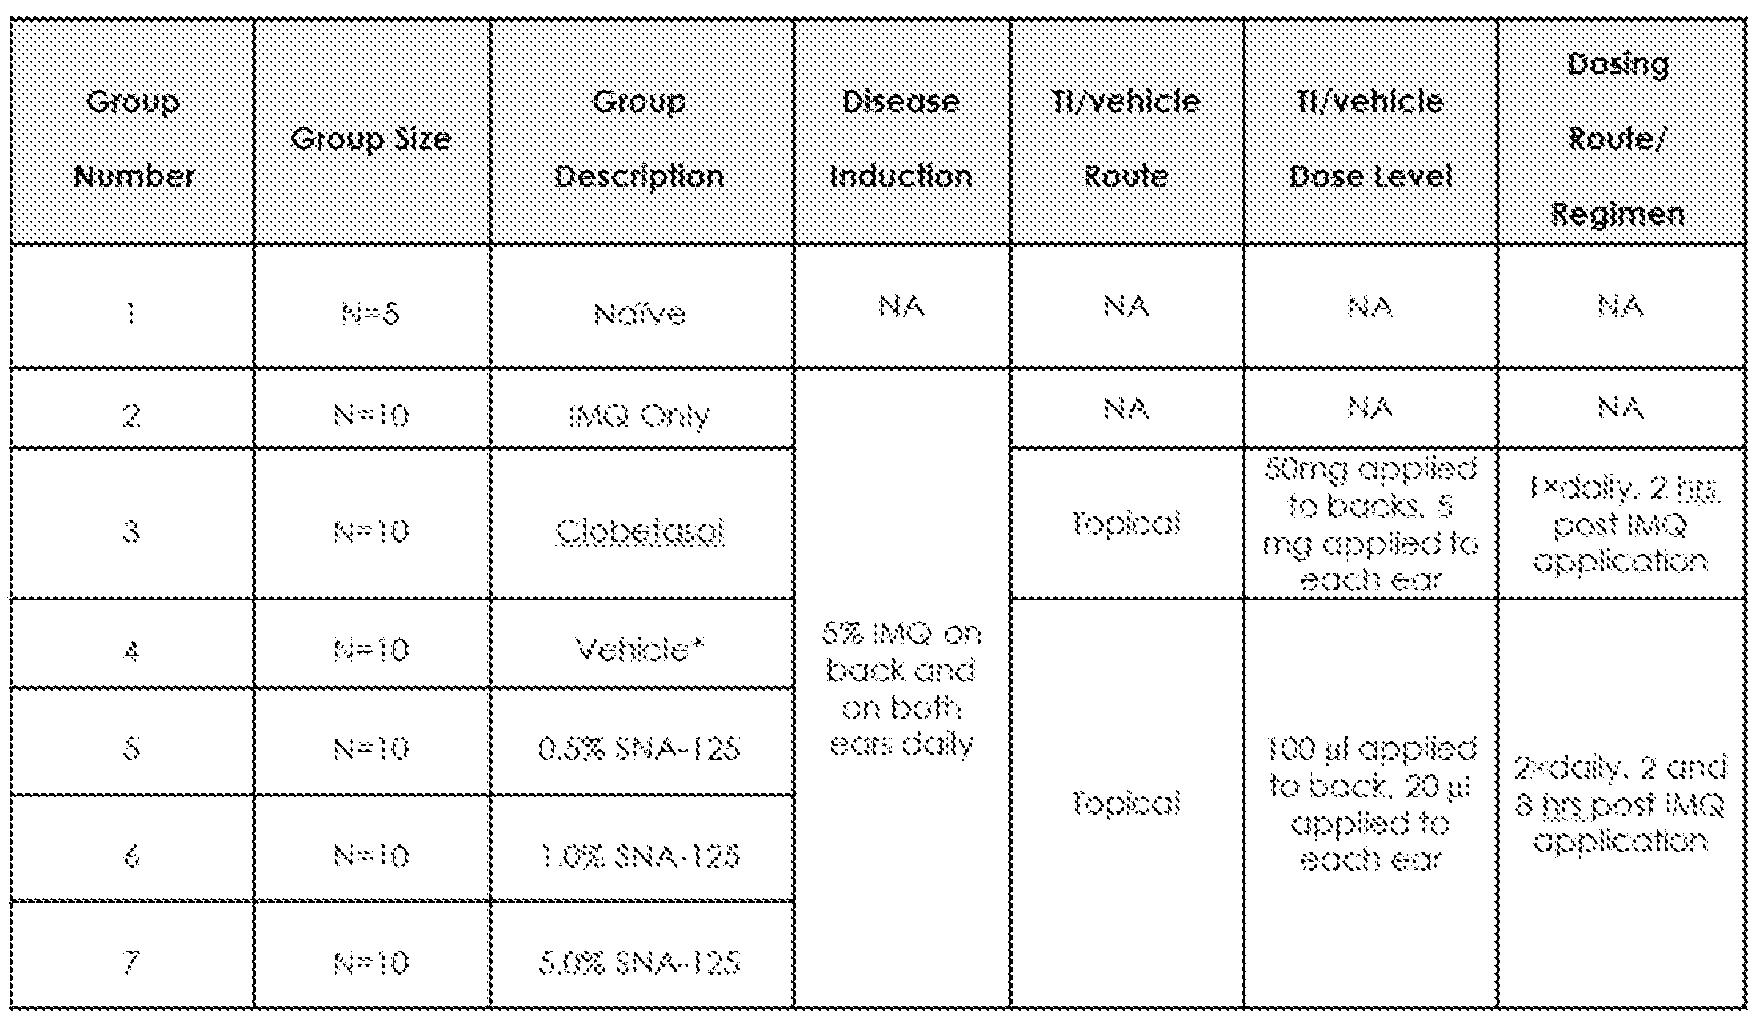 Figure imgf000430_0001